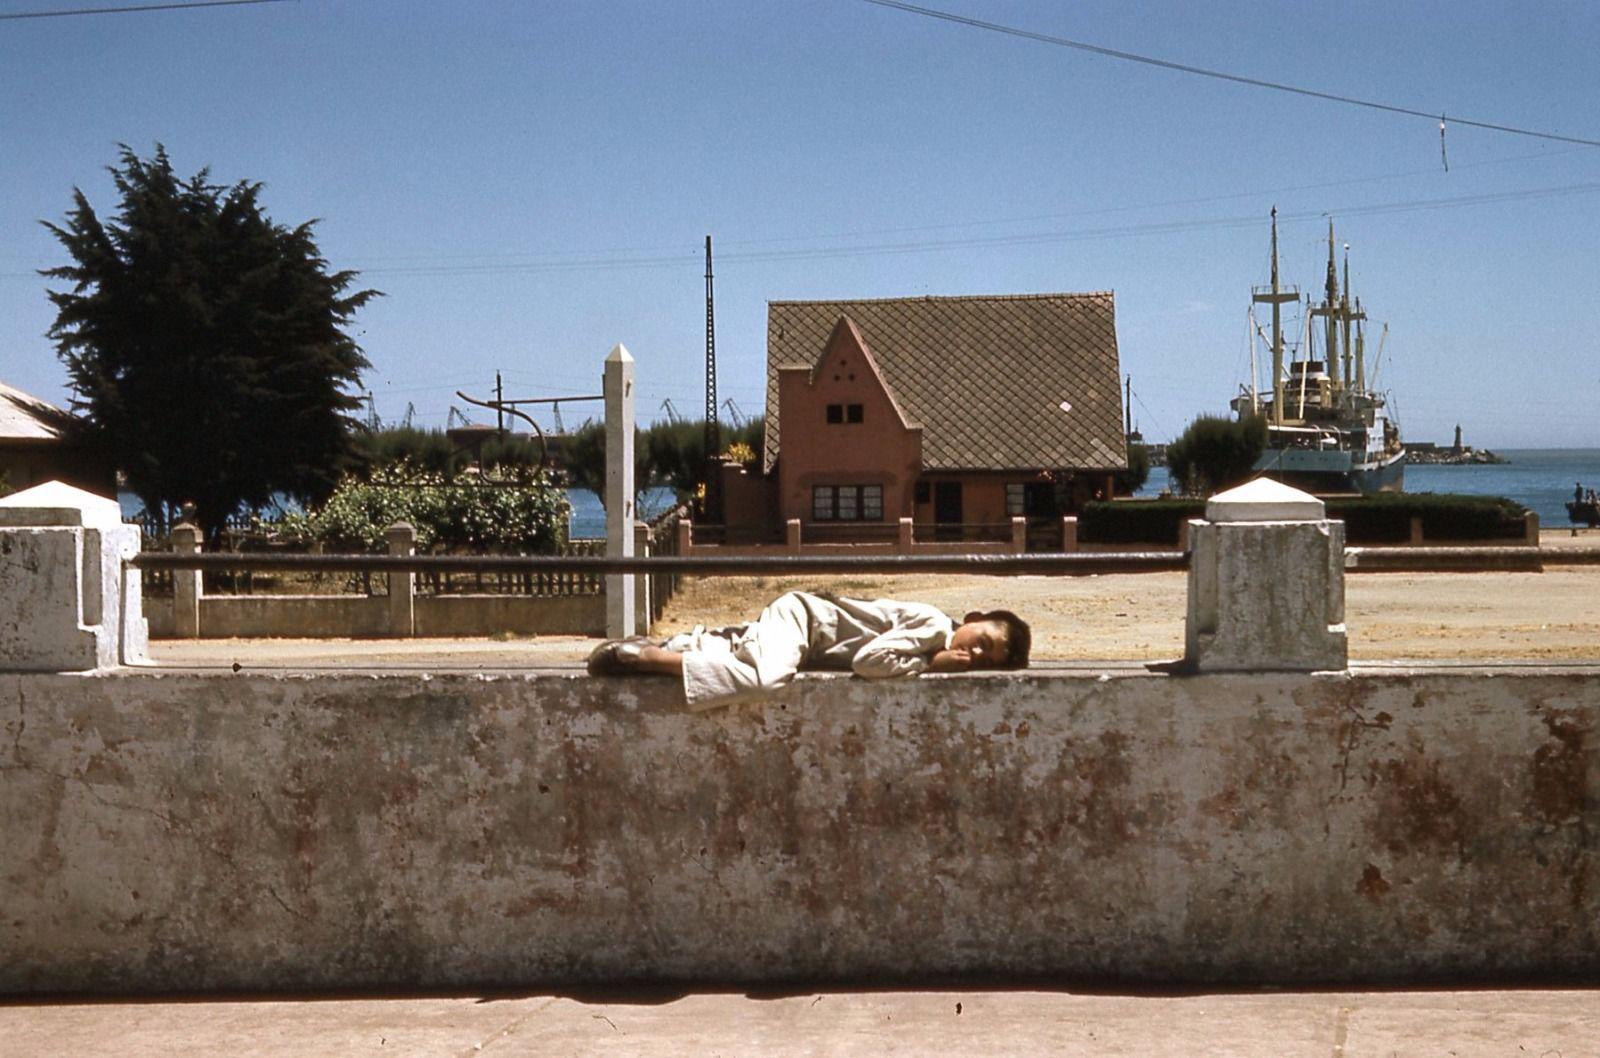 Enterreno - Fotos históricas de chile - fotos antiguas de Chile - San Antonio  en 1960